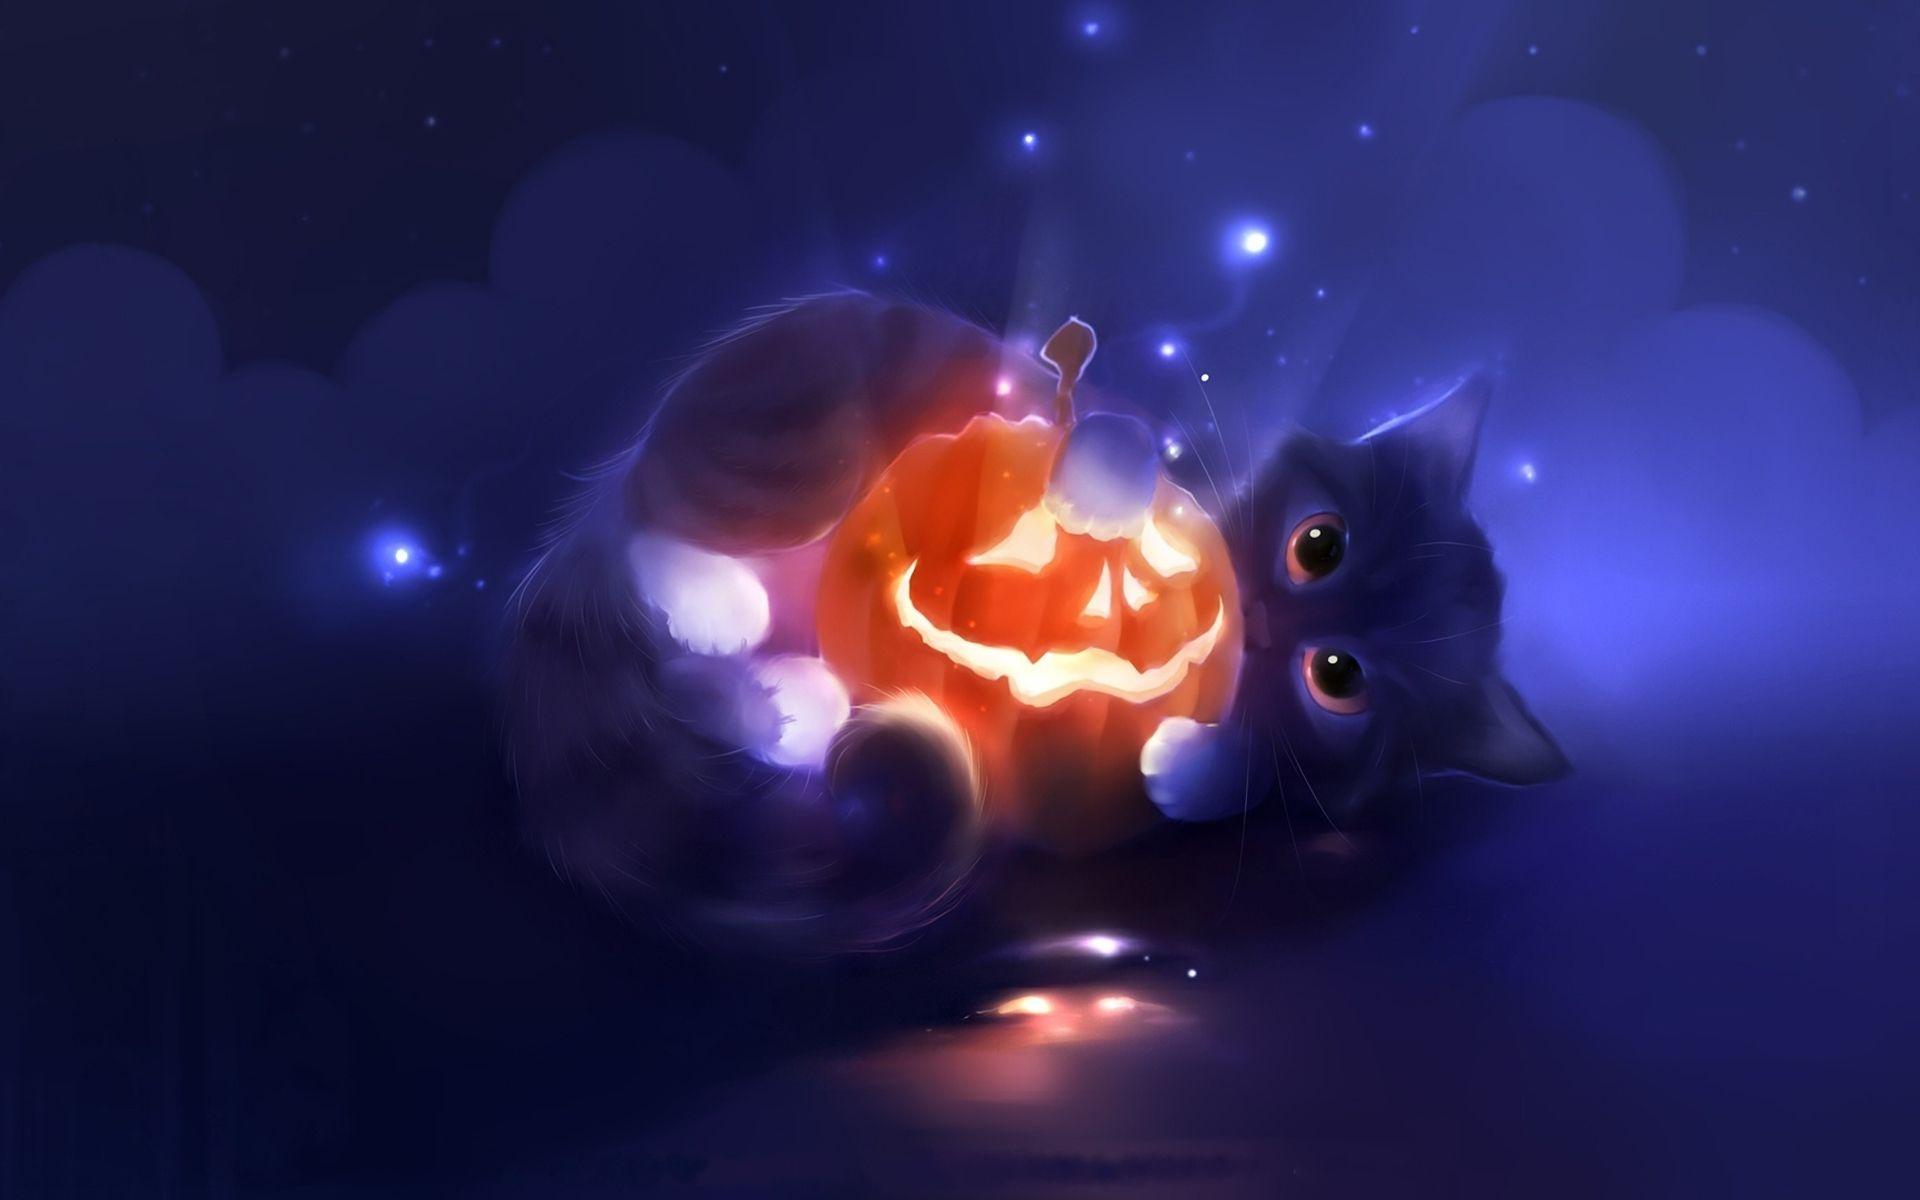 милые хэллоуинские картинки птицы, мыши